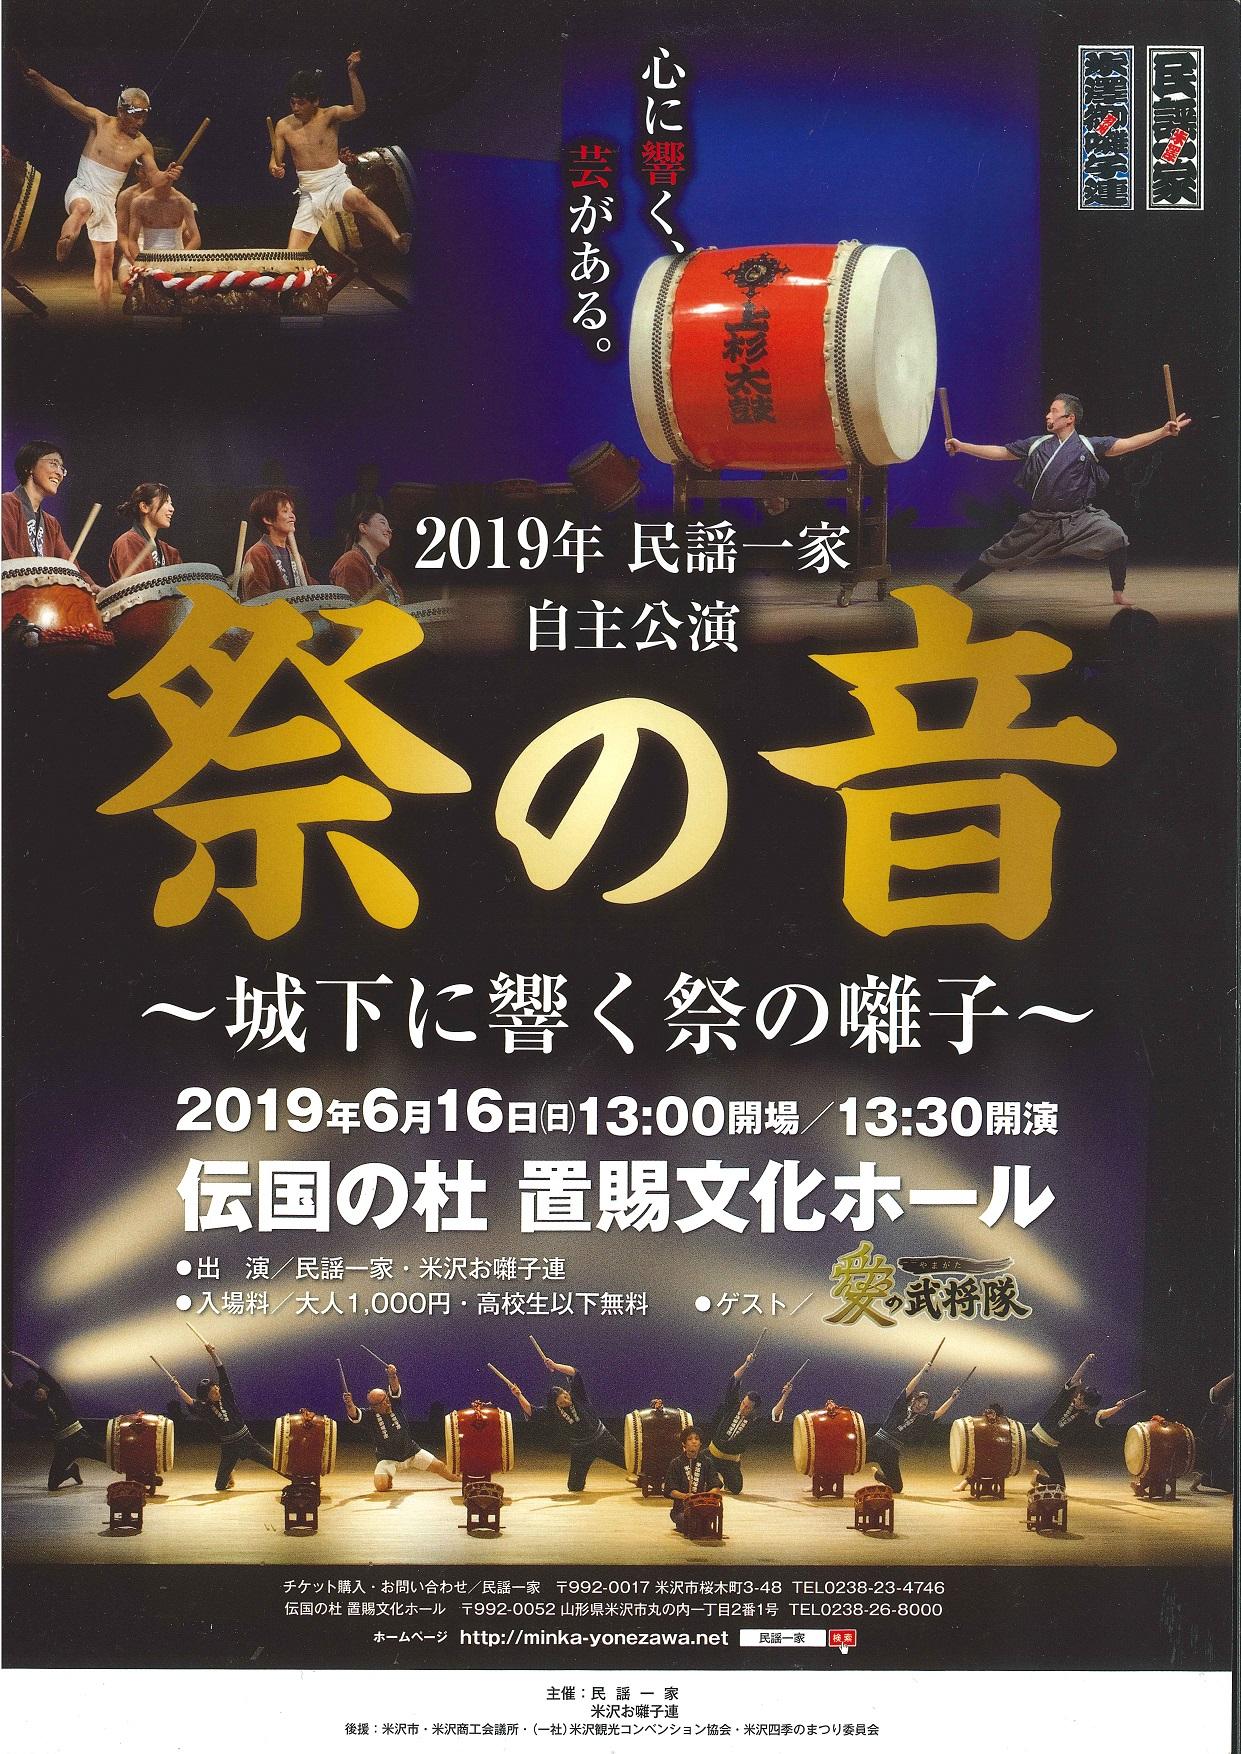 民謡一家 自主公演「祭の音」6月16日開催!:画像